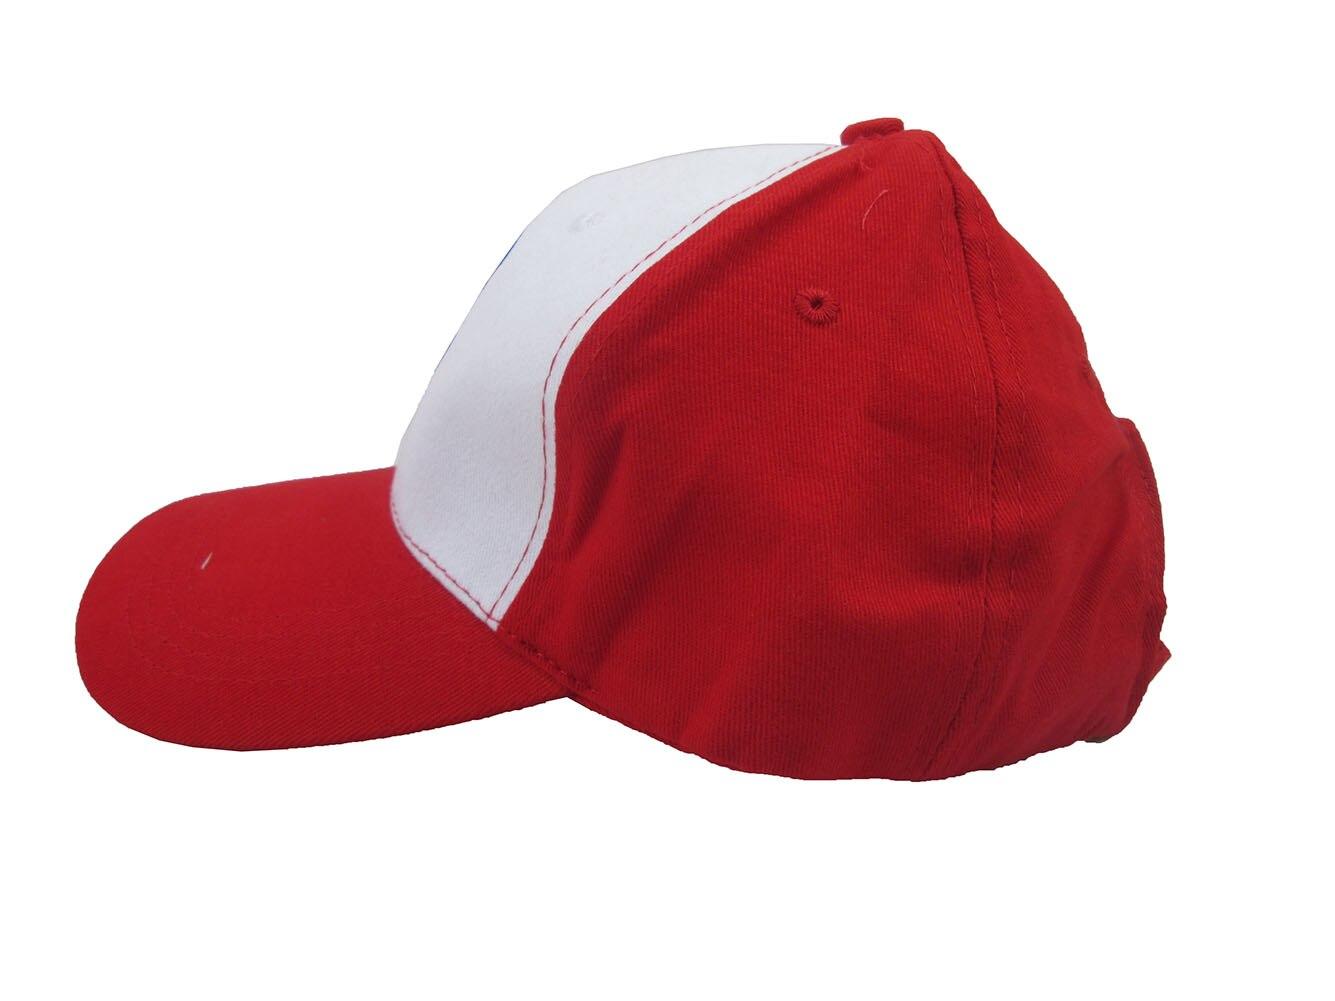 Brdwn Pocket Cosplay Ash Ketchum Hat Peaked mesh Baseball - Կարնավալային հագուստները - Լուսանկար 4